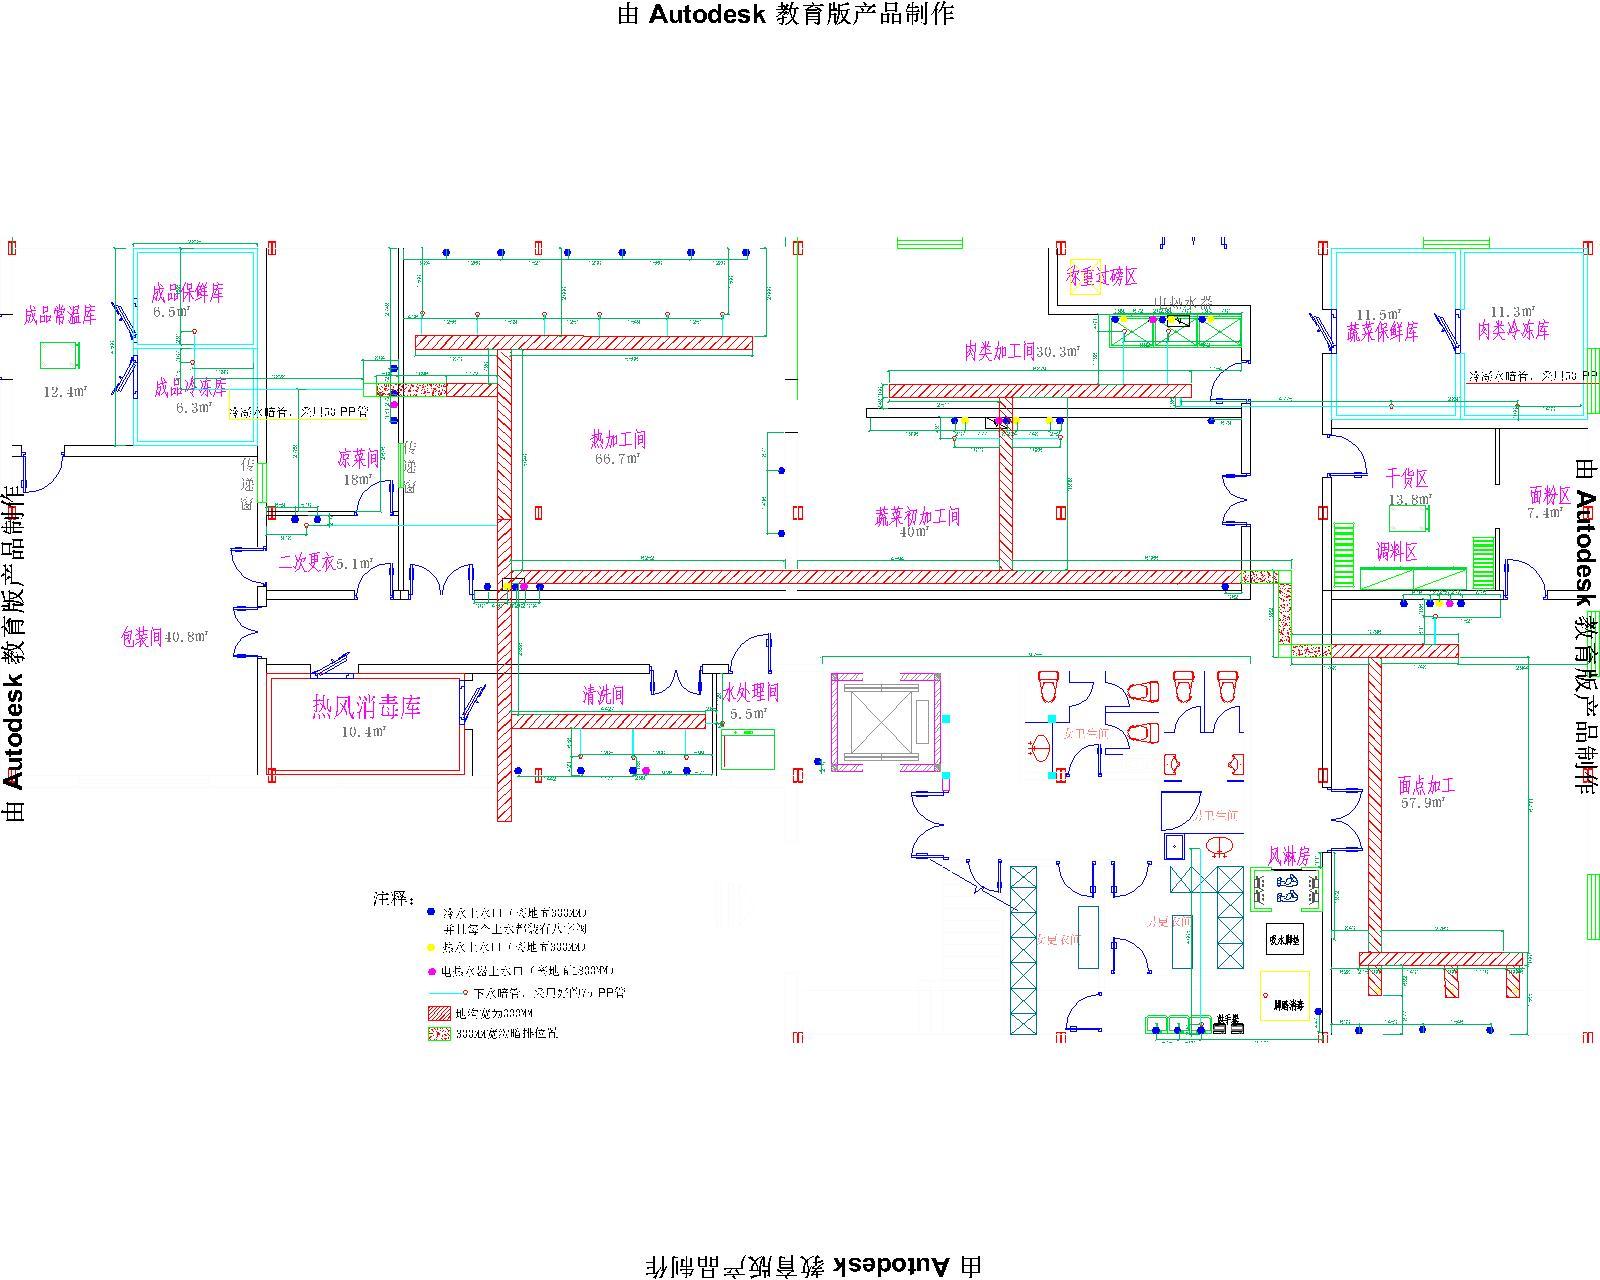 中央厨房设计套图_厨房设备厂|北京厨房设备公司|食堂